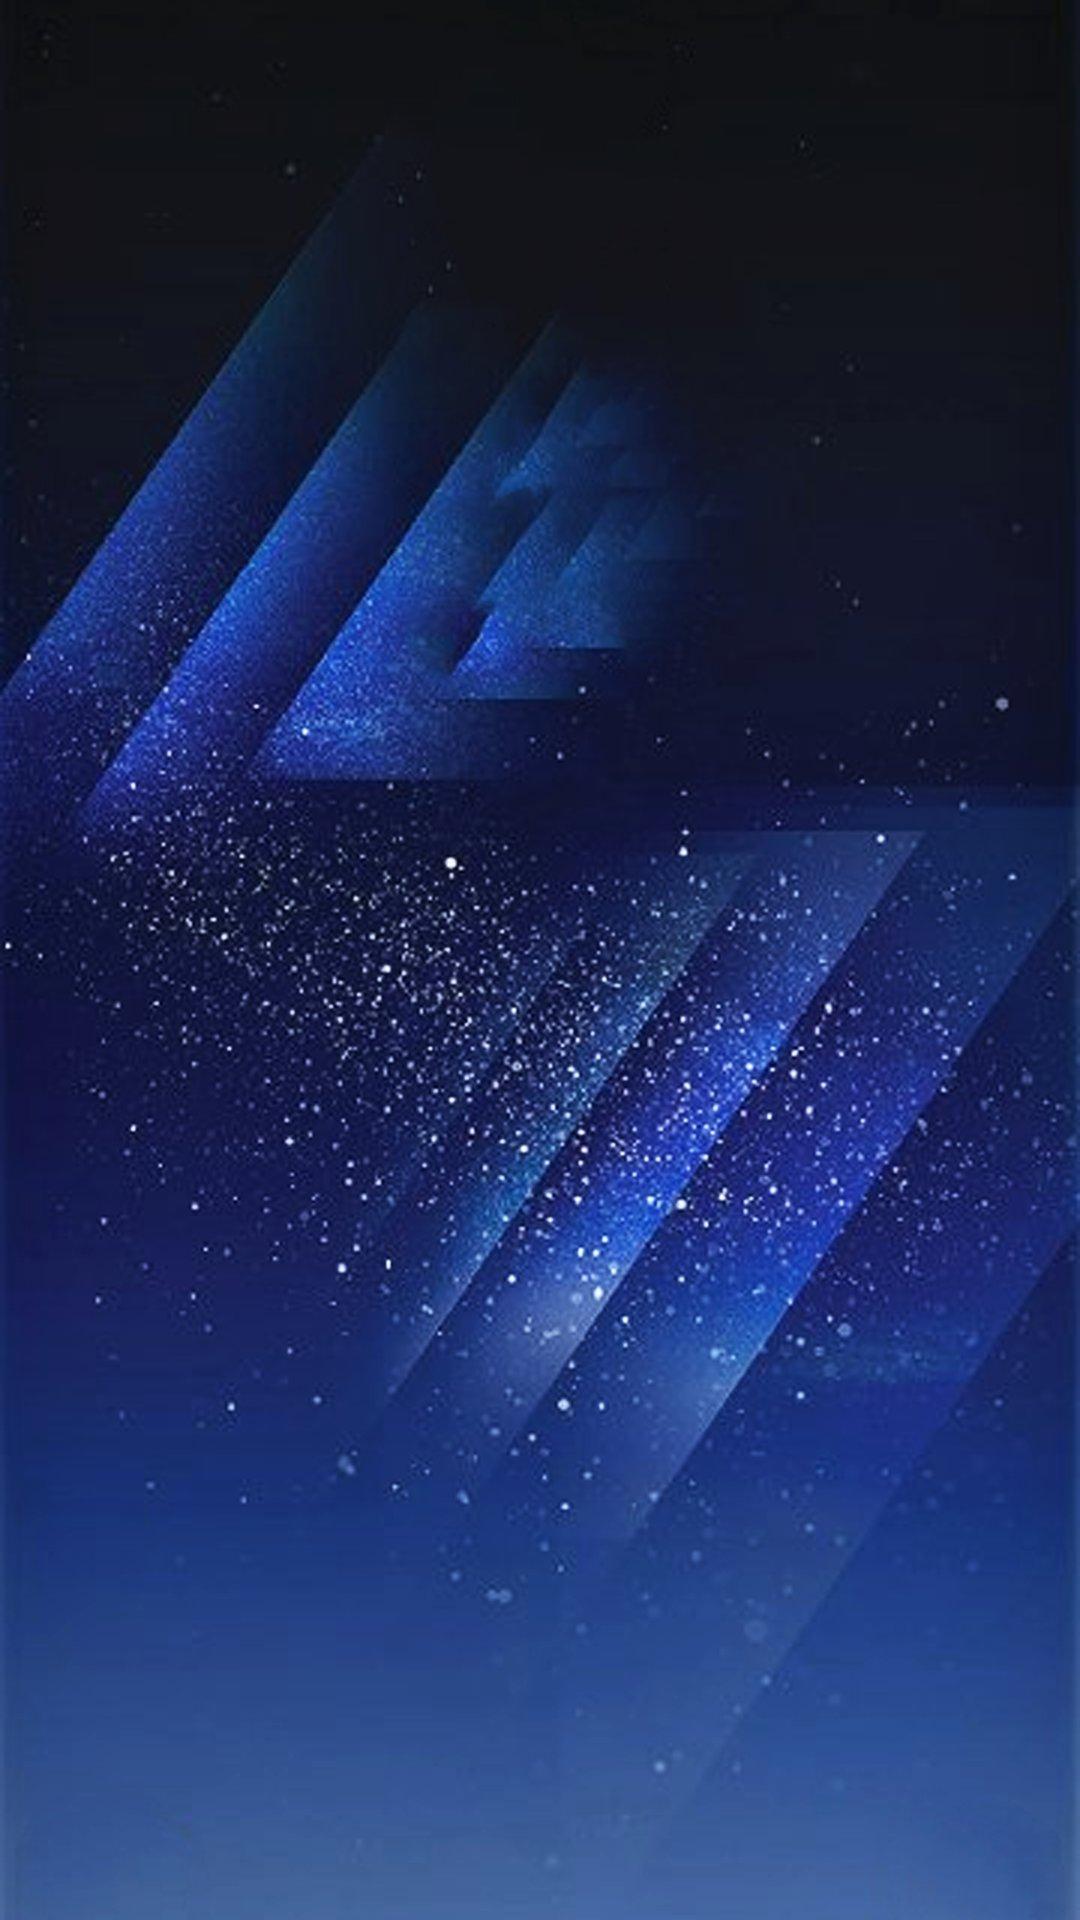 Infinity Wallpaper For S8 ✓ Fitrini's Wallpaper